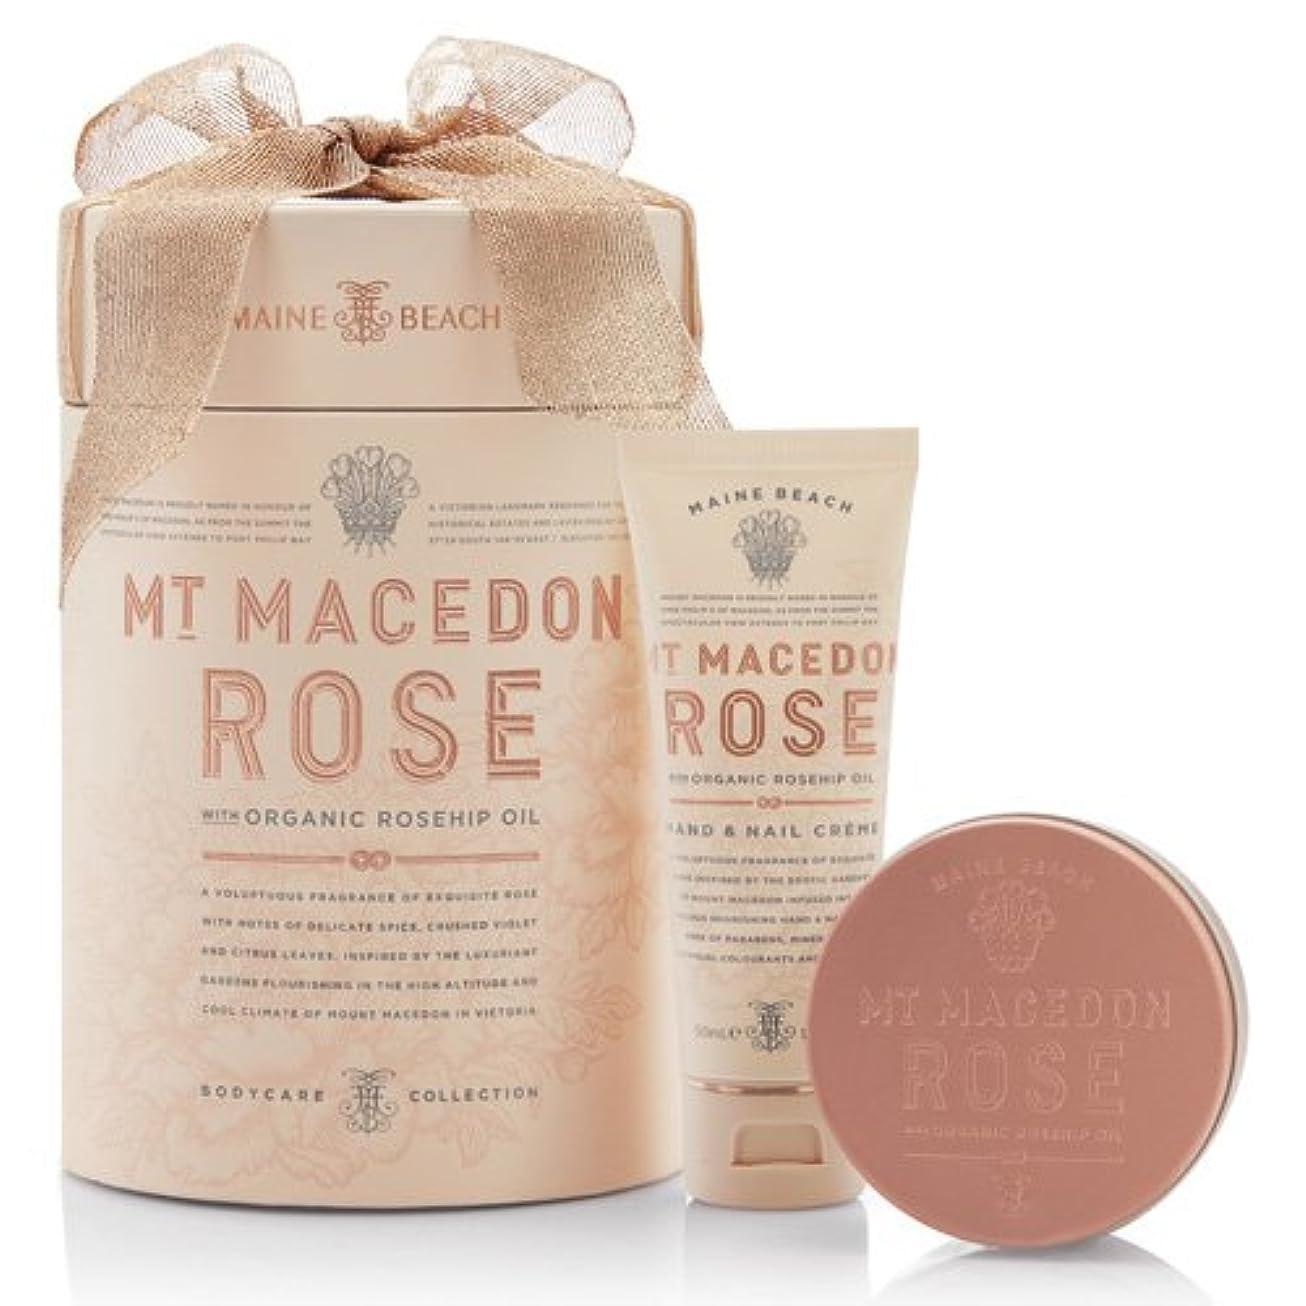 麻酔薬コンパニオンフライトMAINE BEACH マインビーチ MT MACEDON ROSE マウント マセドン ローズ Duo Gift Pack